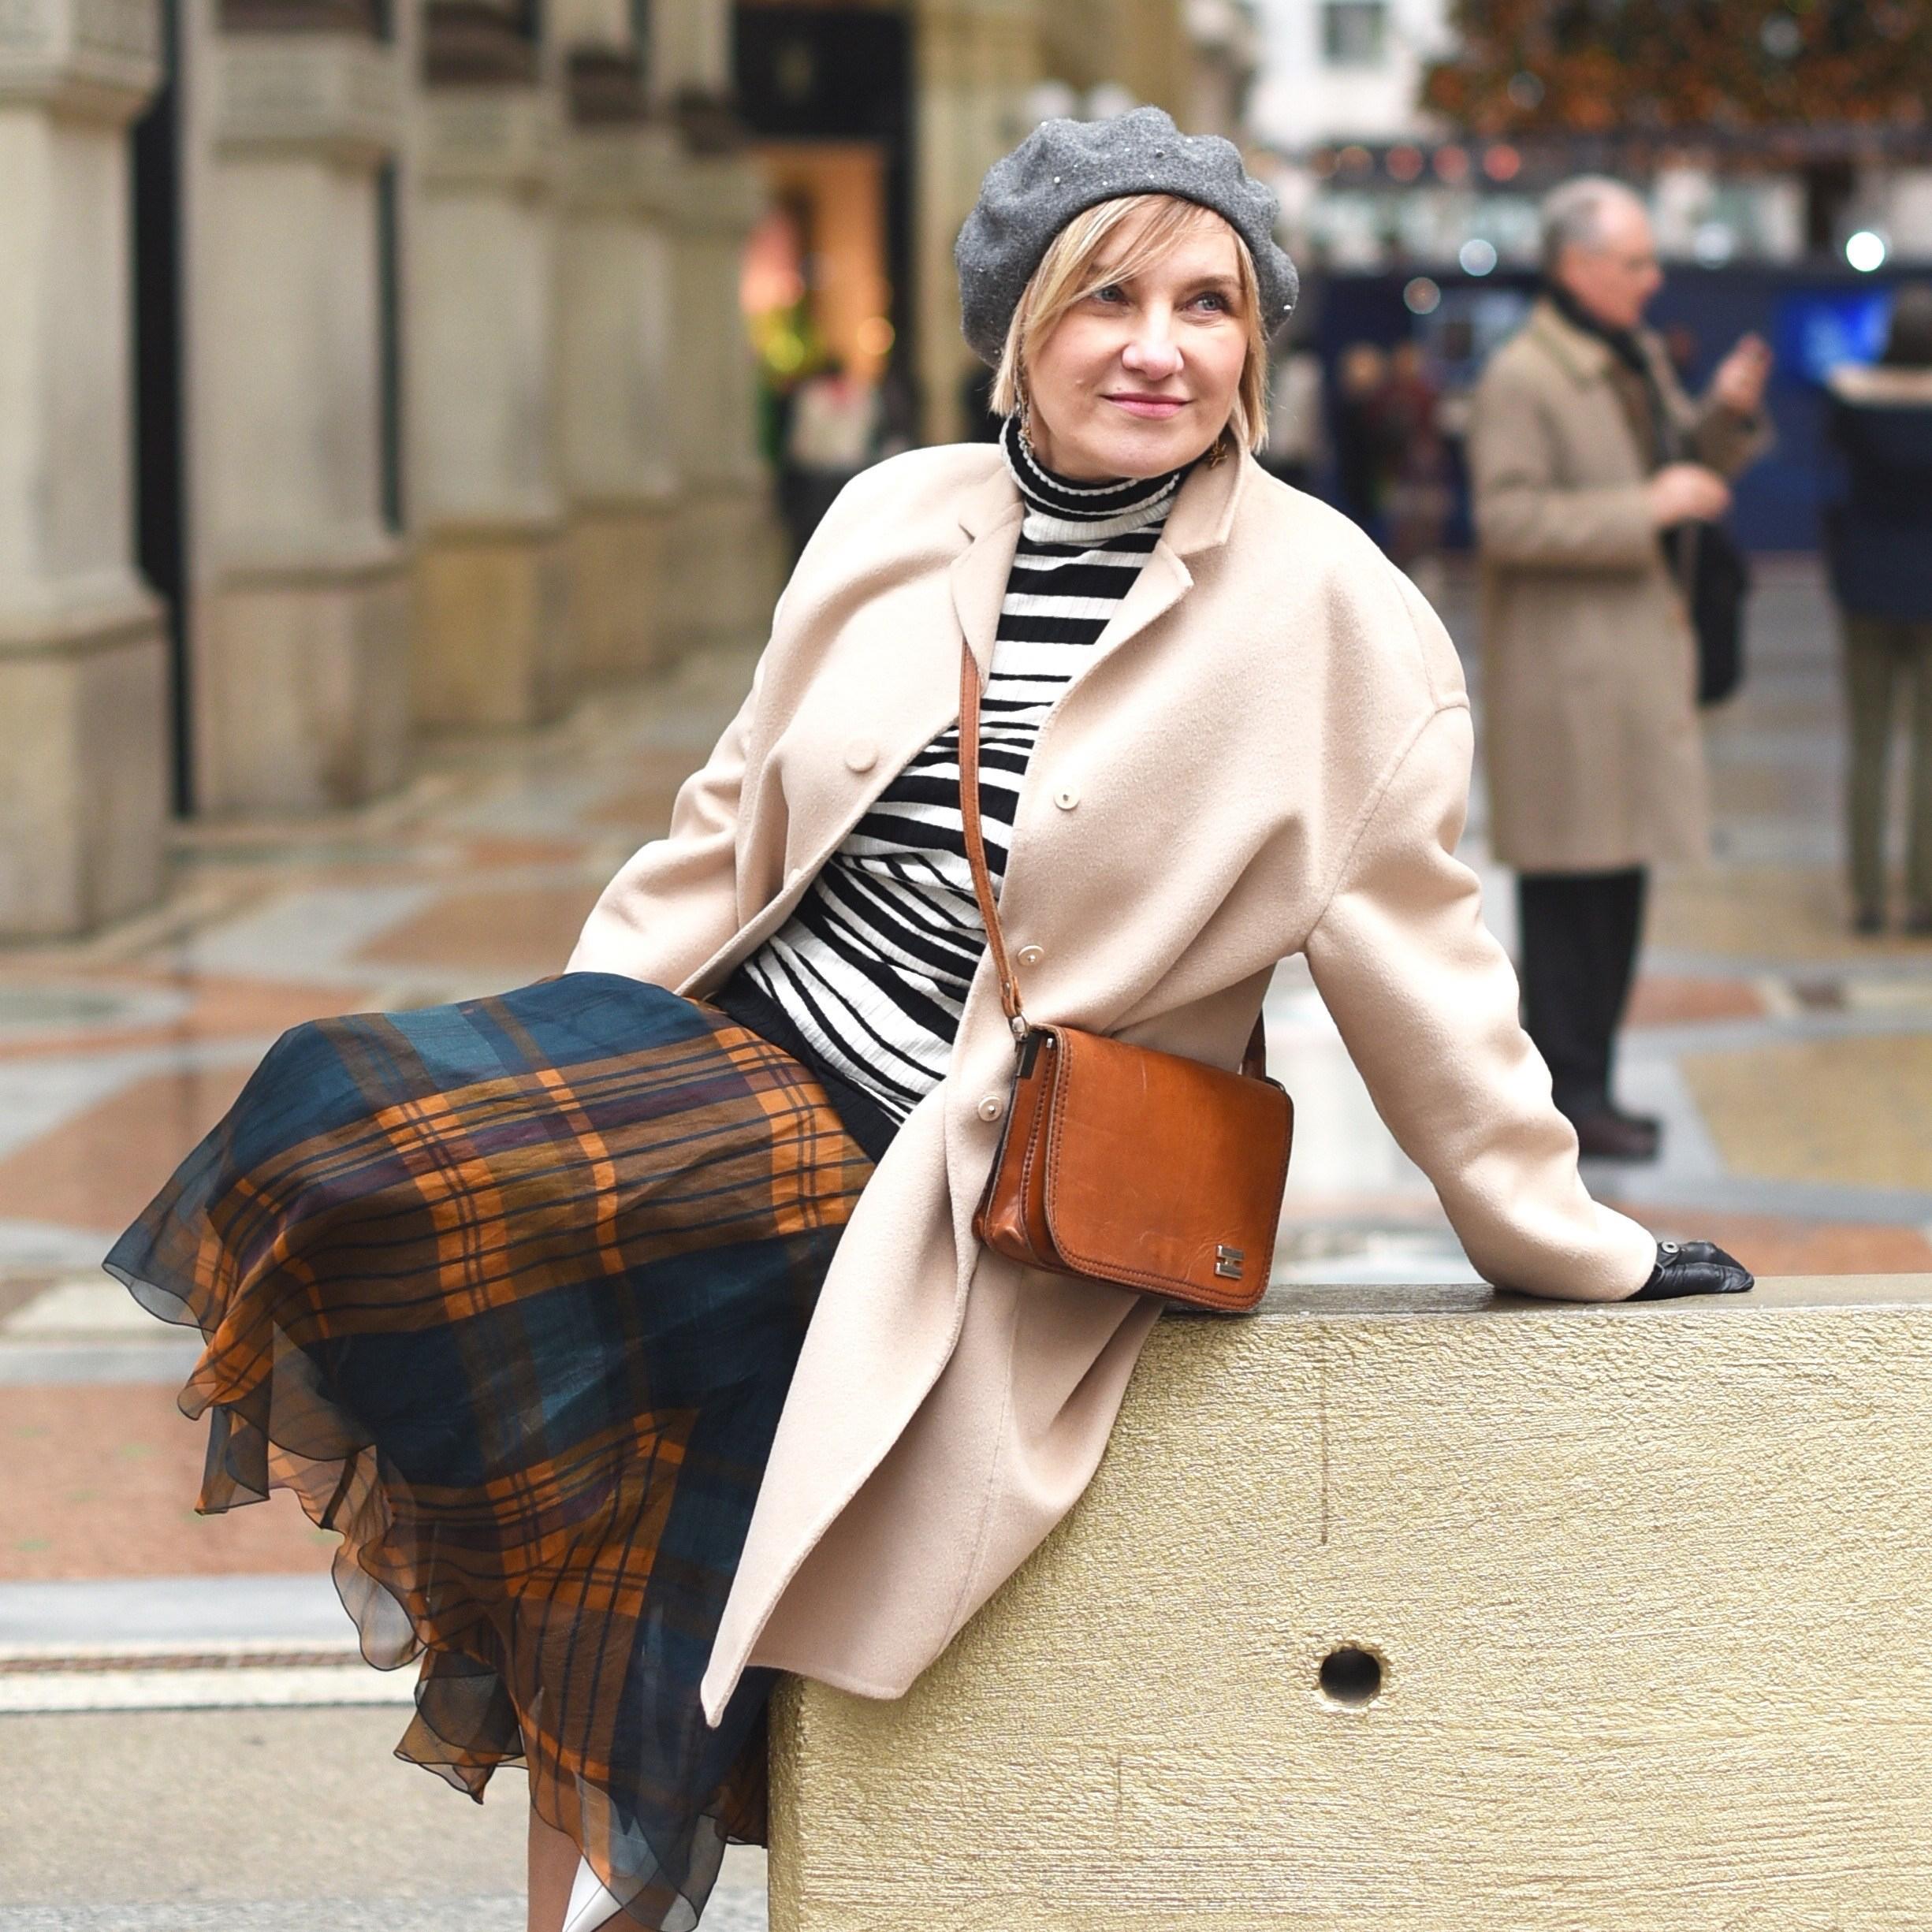 Персональные услуги стилиста в сердце моды- Милане.